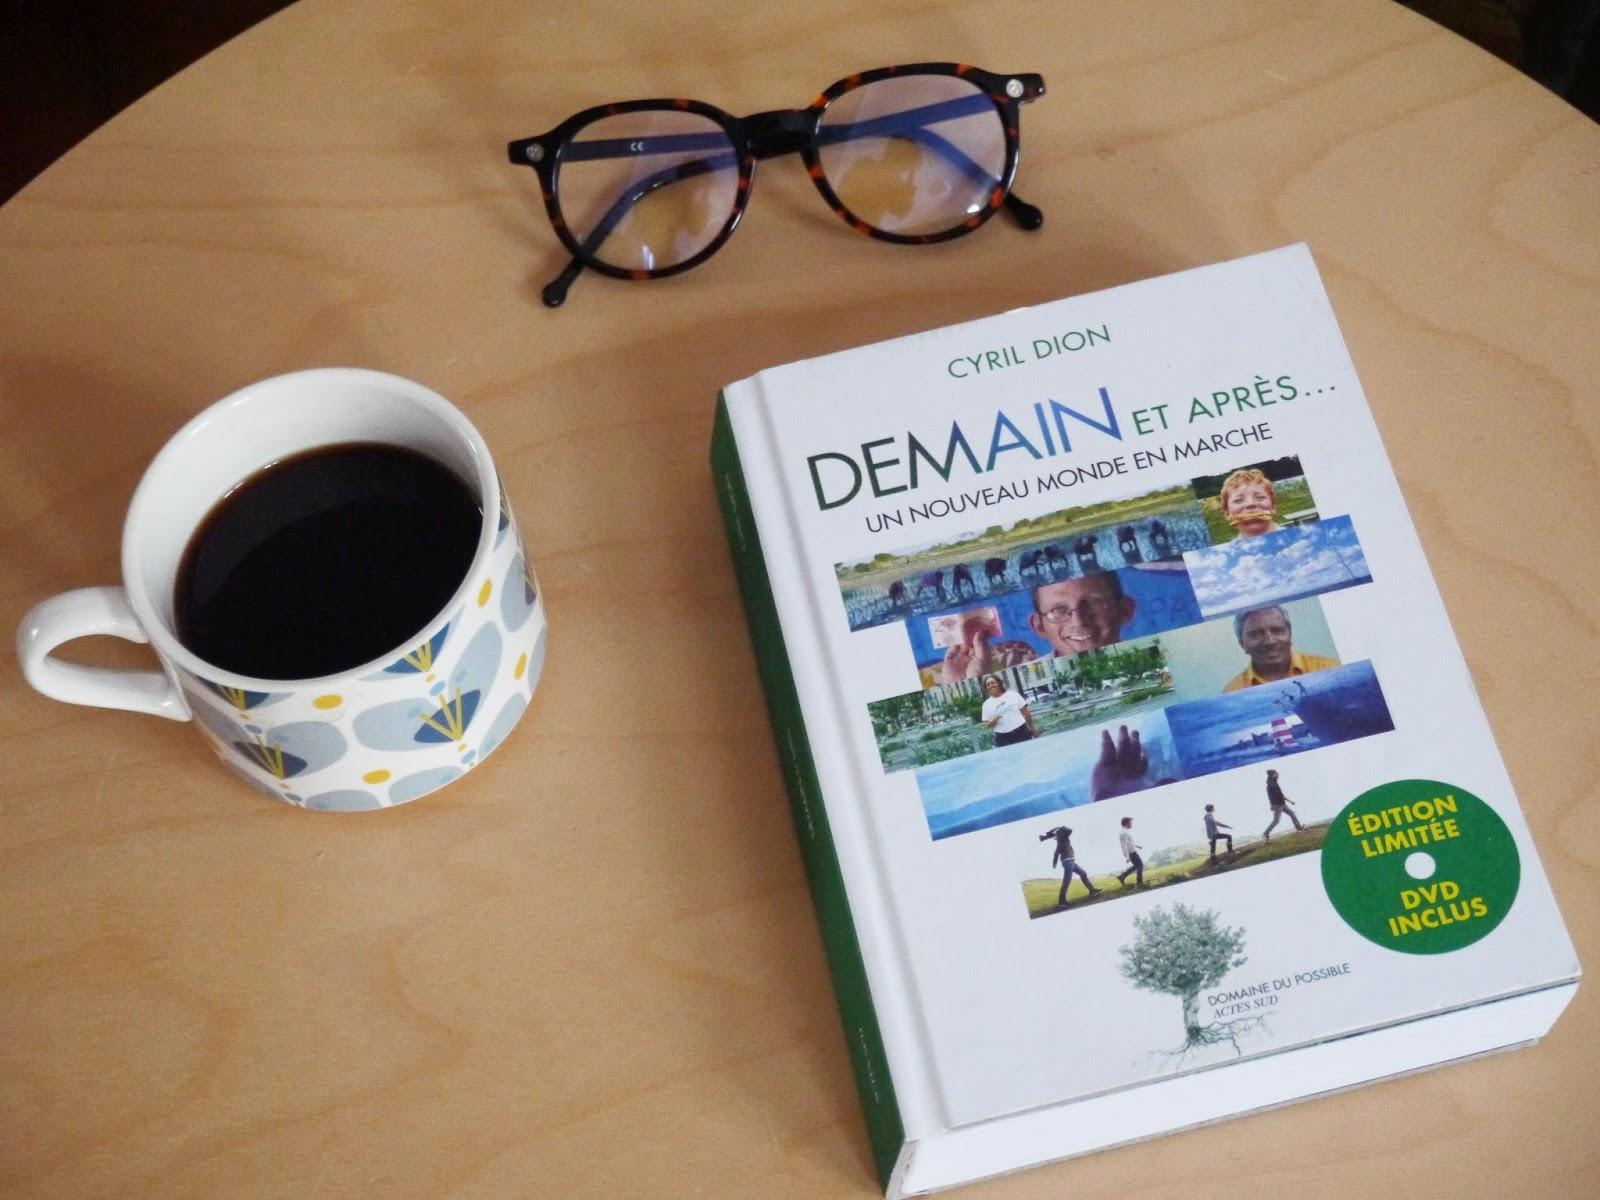 la transition des castors demain et apr s le livre du film cyril dion. Black Bedroom Furniture Sets. Home Design Ideas